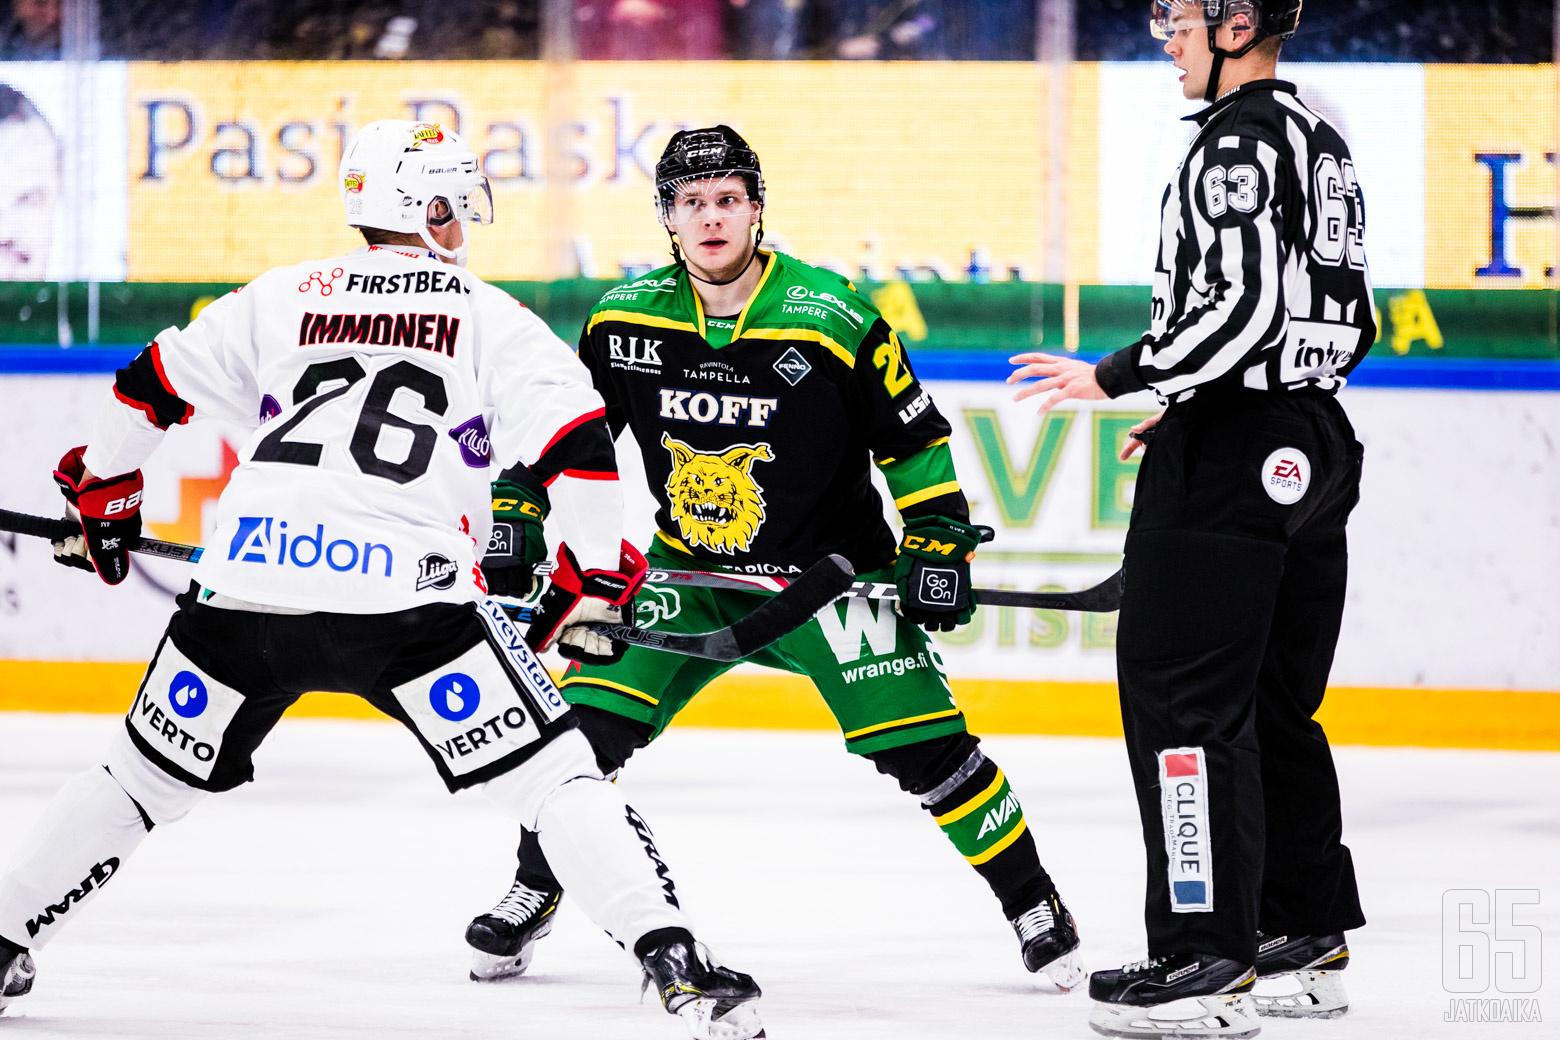 Liigan runkosarjan ottelussa Ilves - JYP, Hakametsän jäähallissa Tampereella 20.11.2019